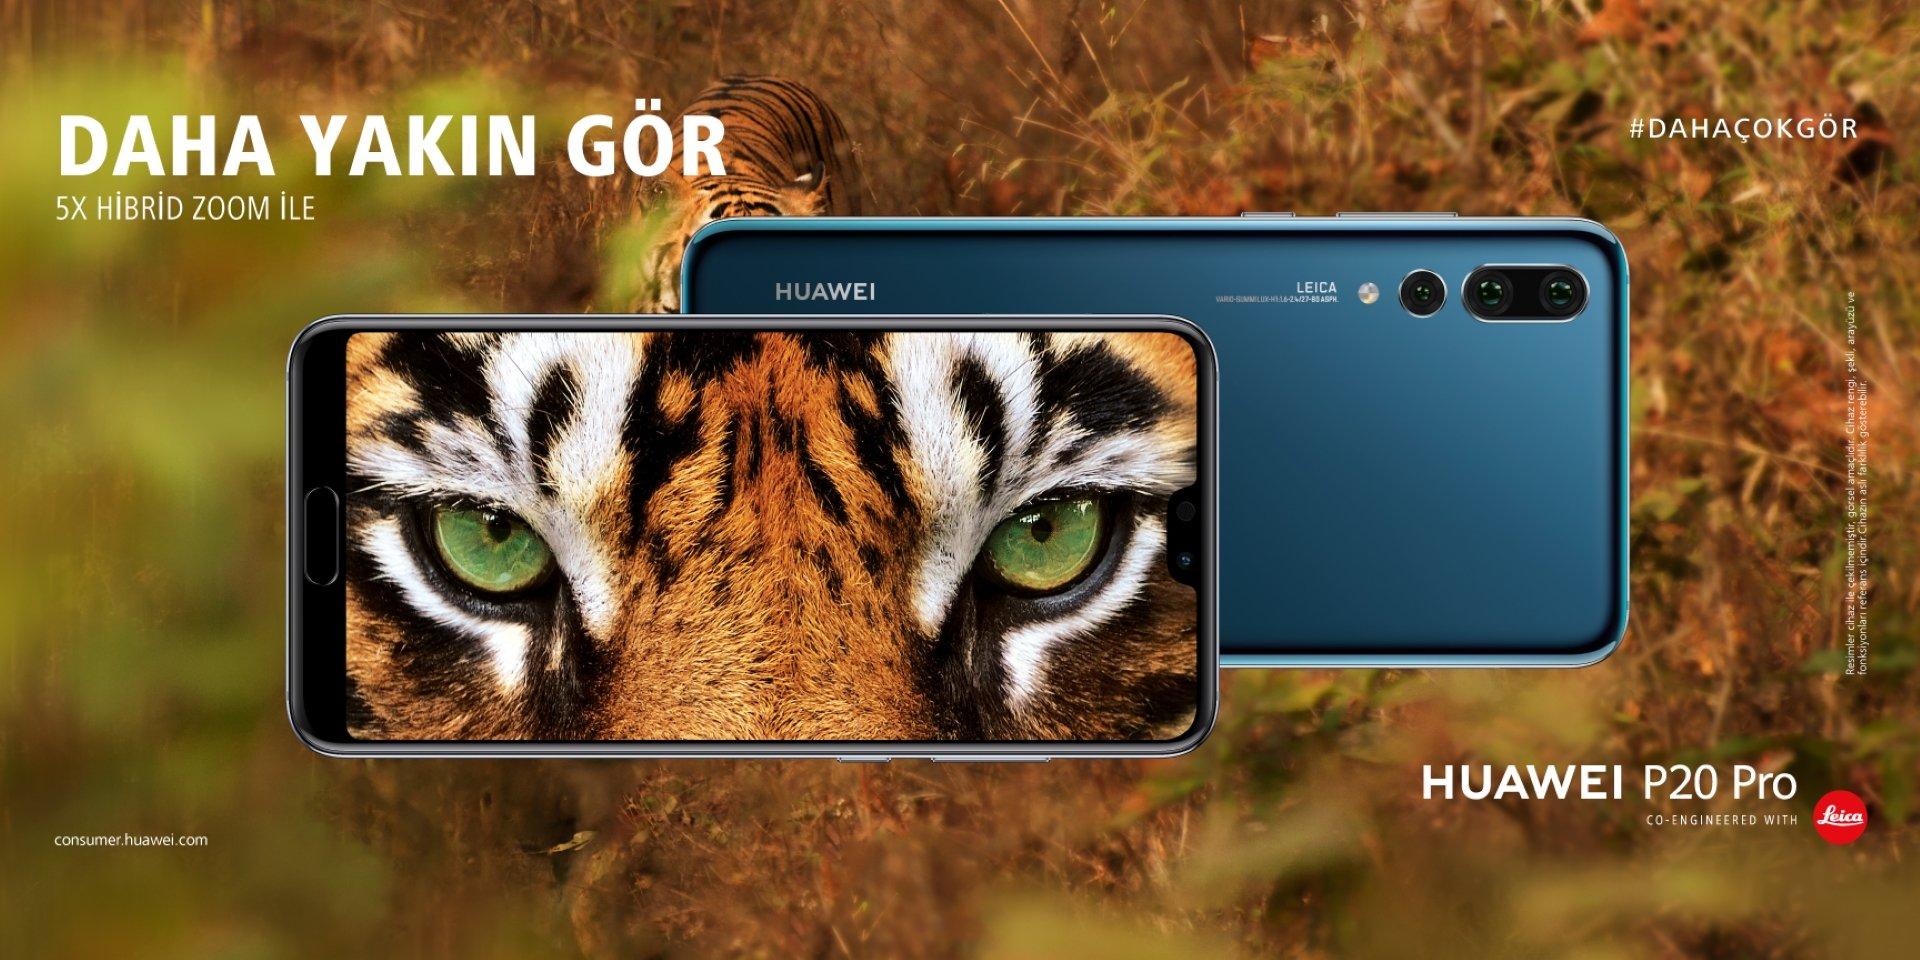 5X Hybrid Zoom sayesinde daha çok gör!